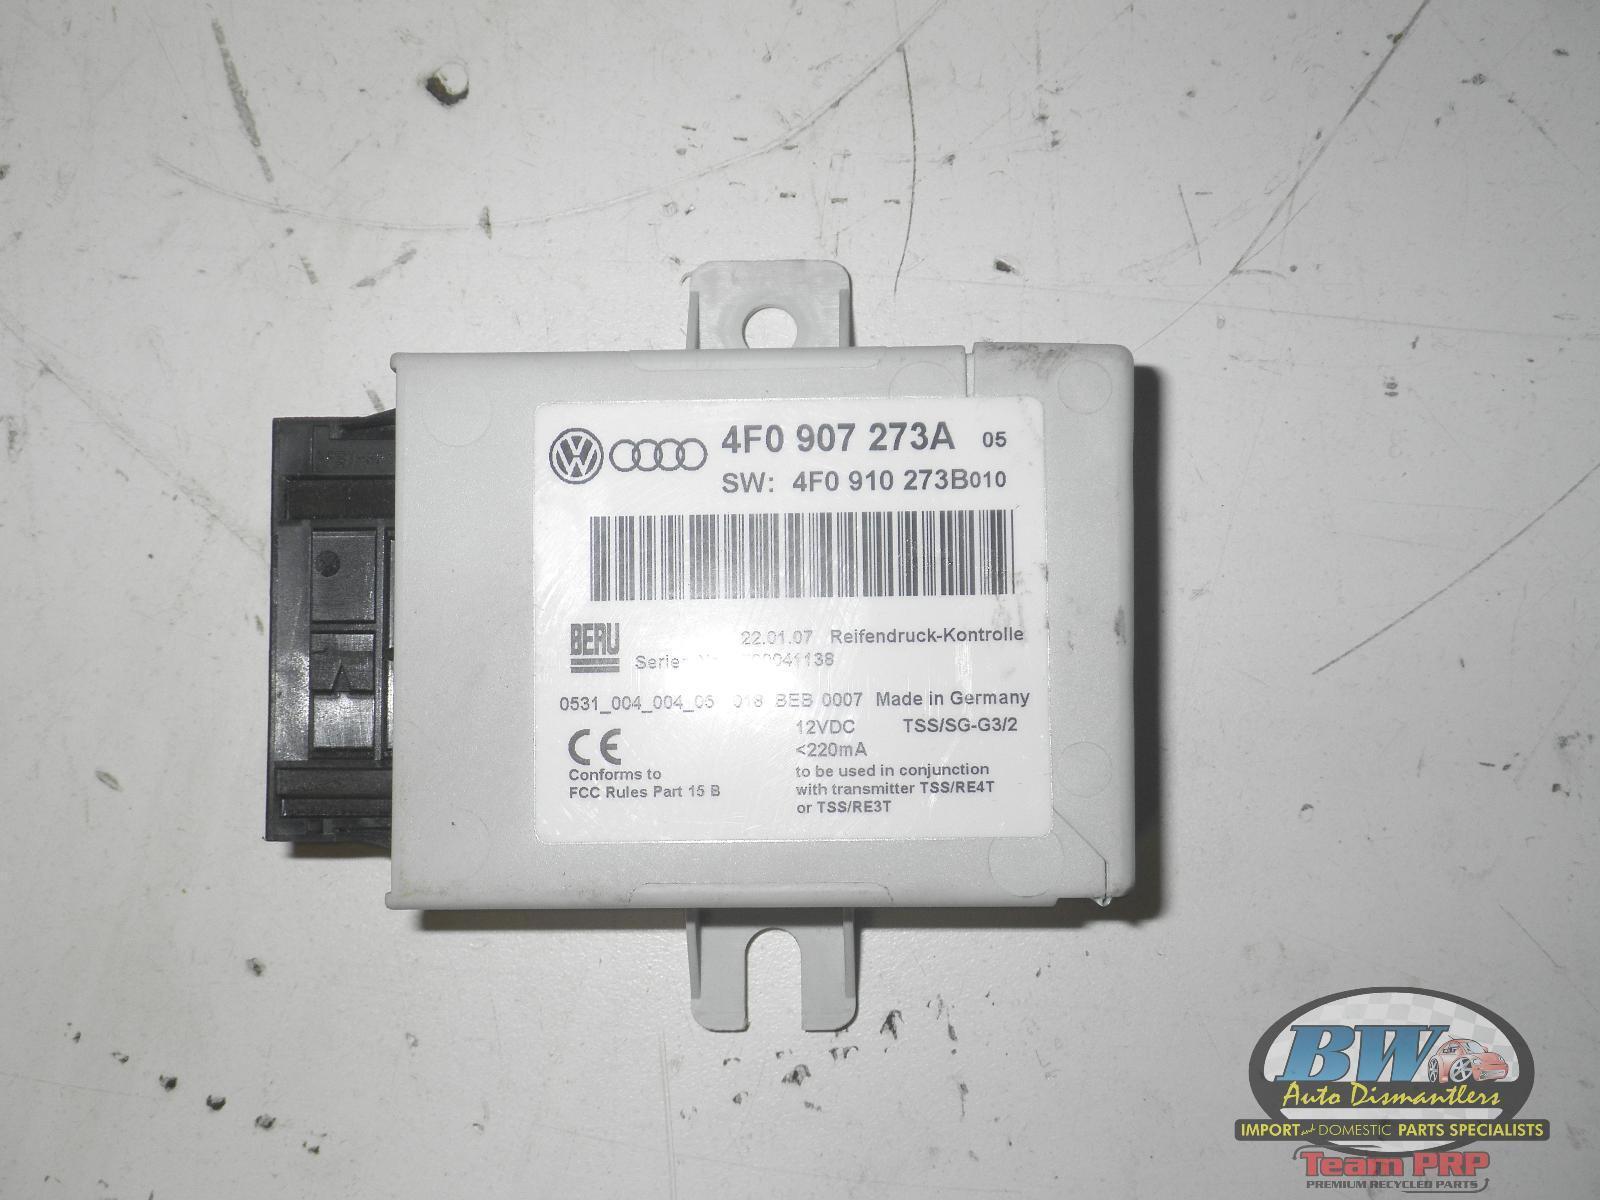 2006 Audi A6 TPMS Tire Pressure Sensor Module OEM 4F0 907 273 A 05 06 07 08